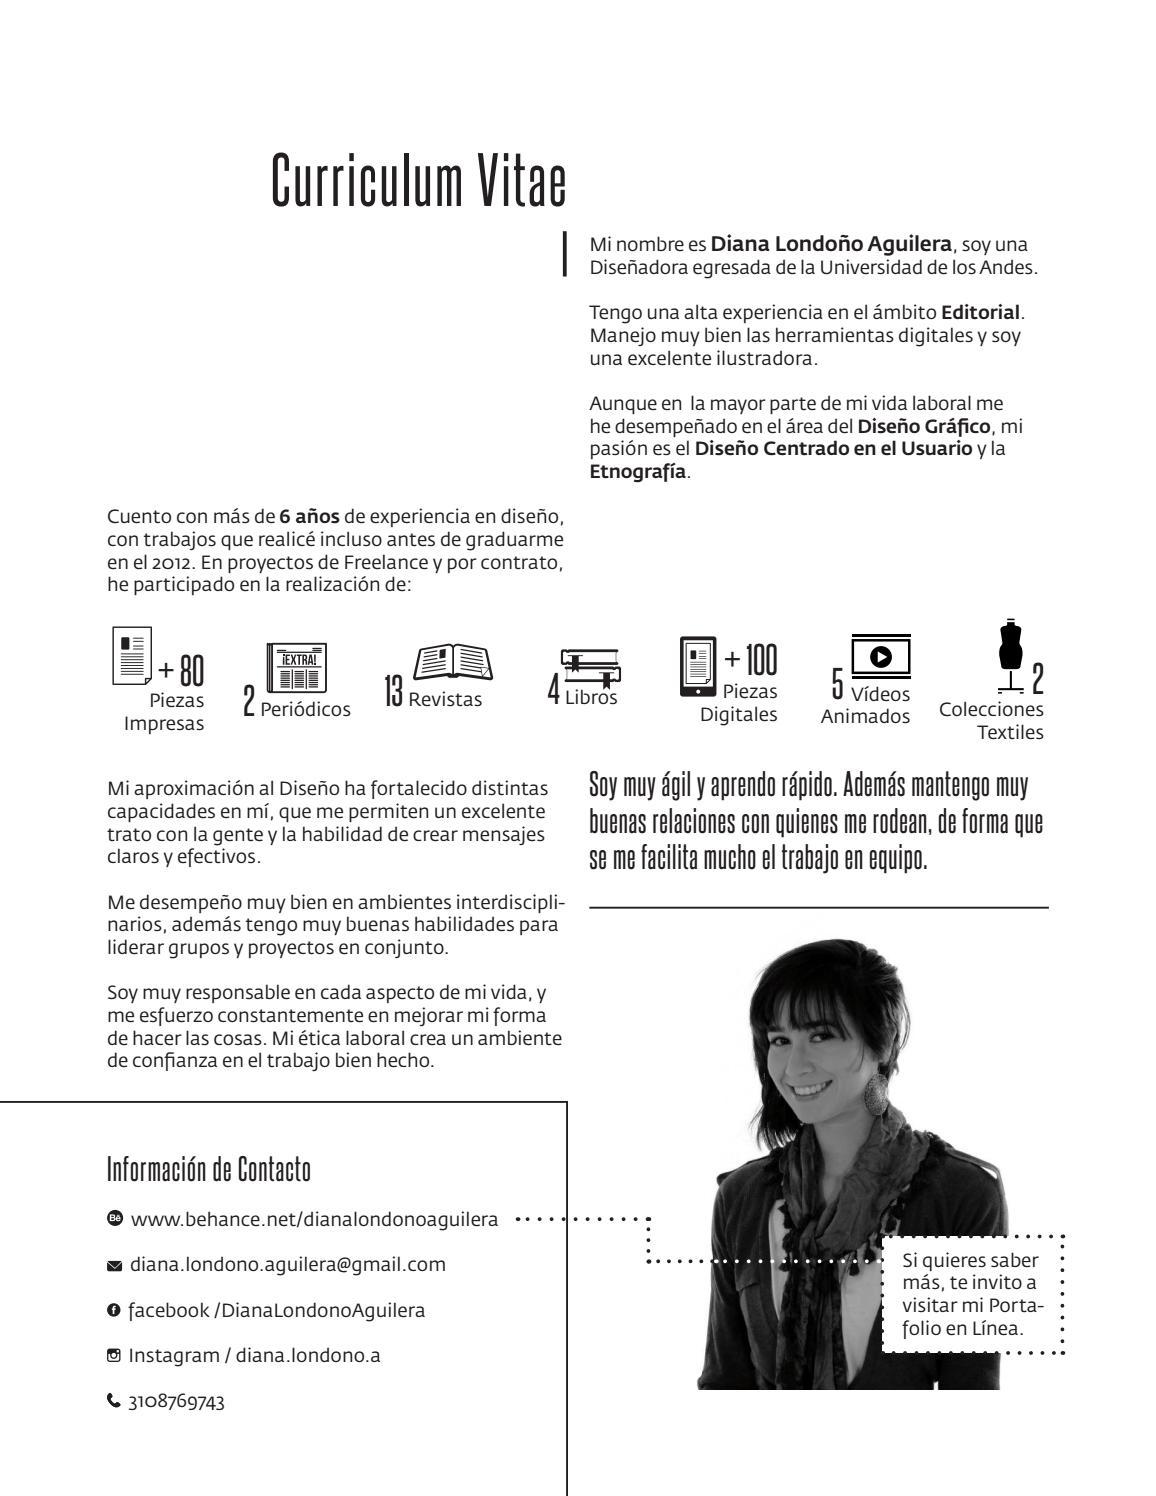 Curriculum Vitae. by Diana Londoño Aguilera - issuu